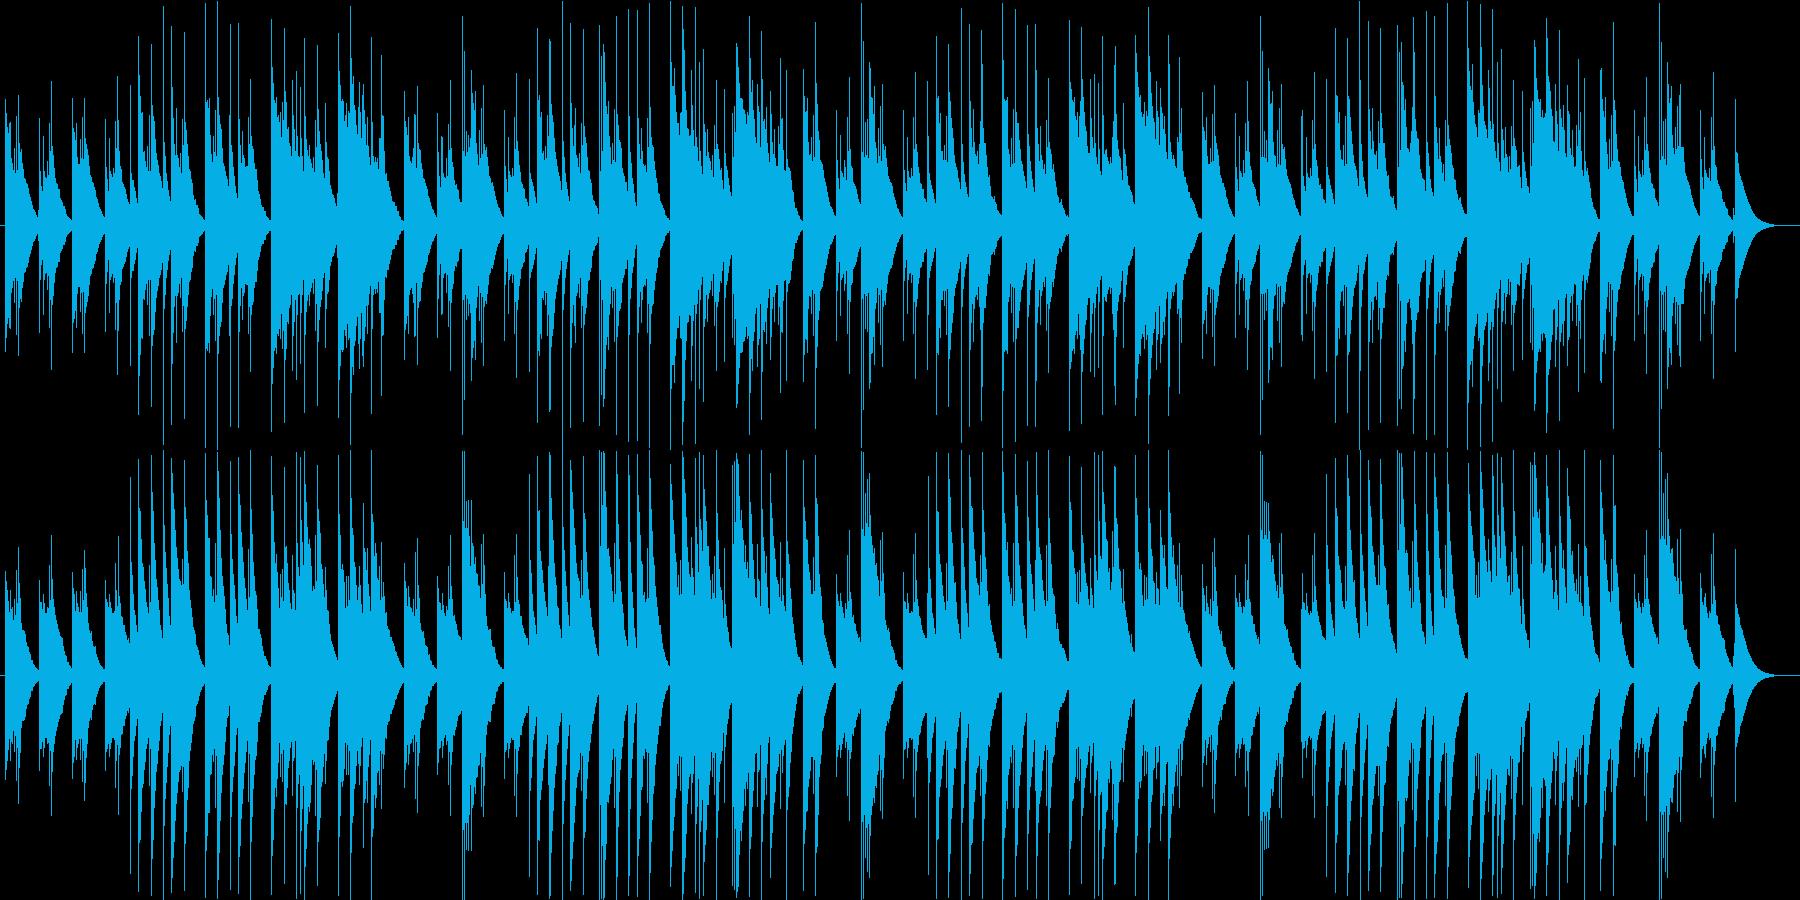 淡い恋を思わせるきれいなオルゴール曲の再生済みの波形